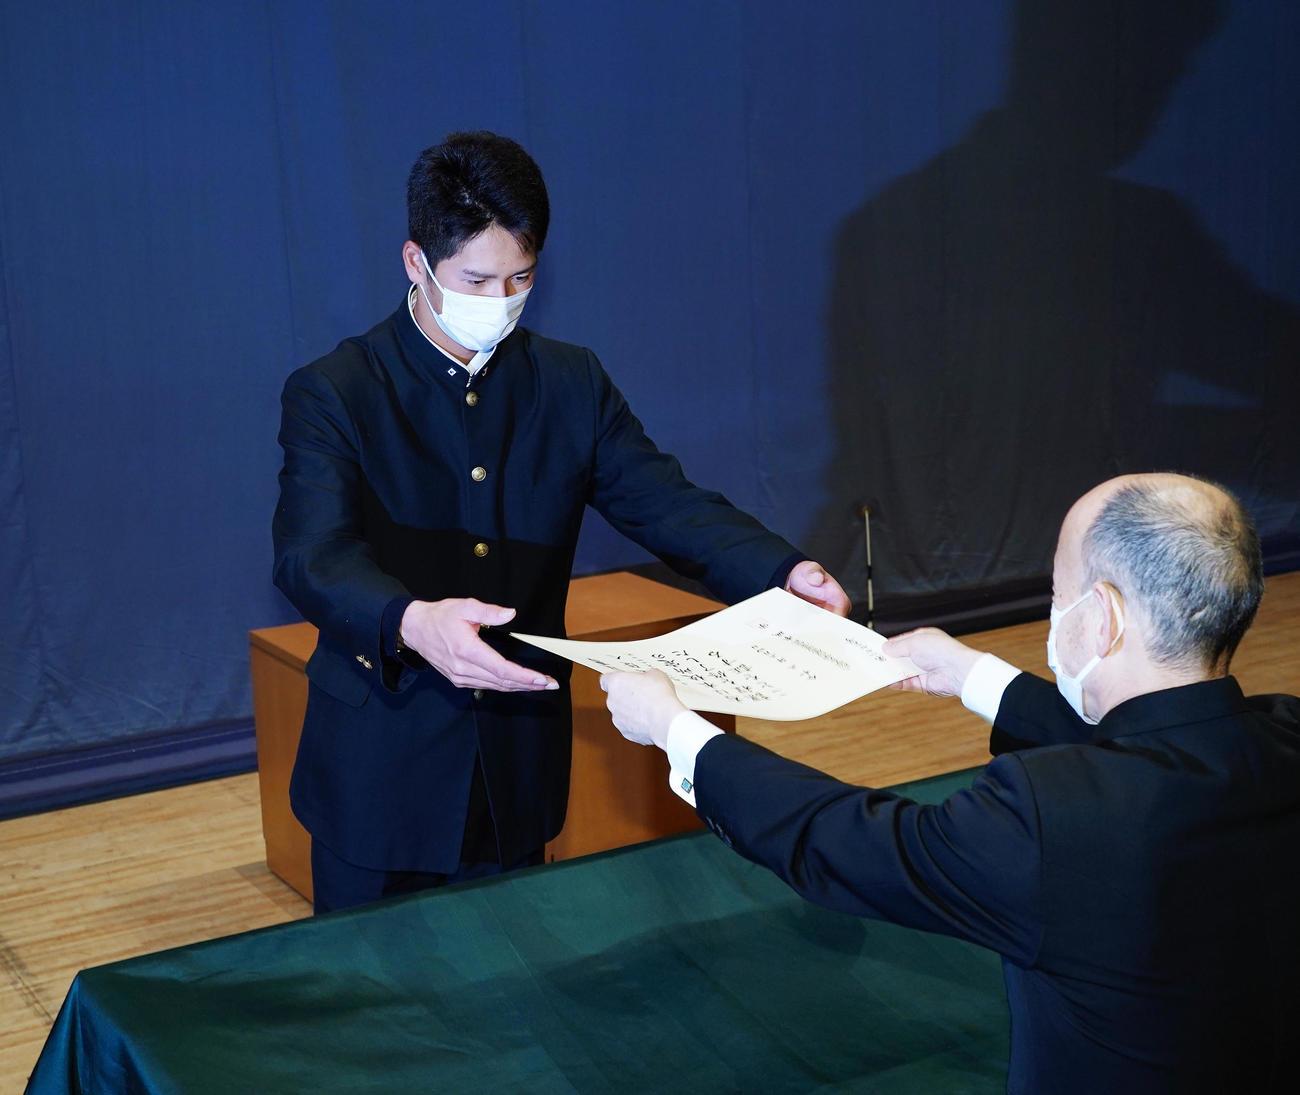 二松学舎大付高の卒業式で卒業証書を授与される巨人秋広(撮影・菅敏)